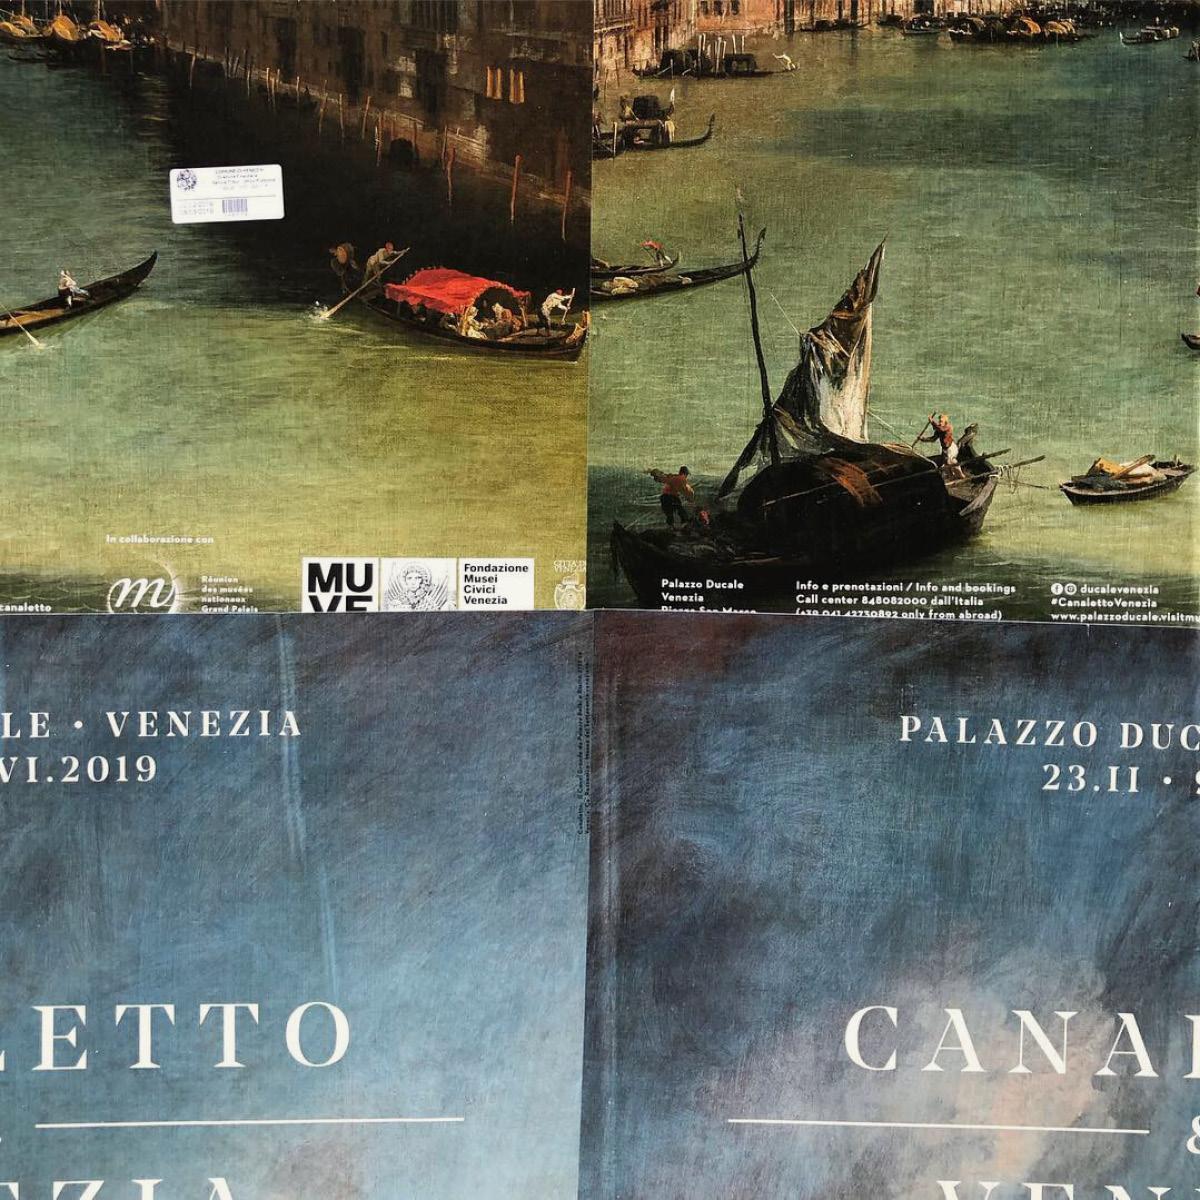 Canaletto-Venezia-003